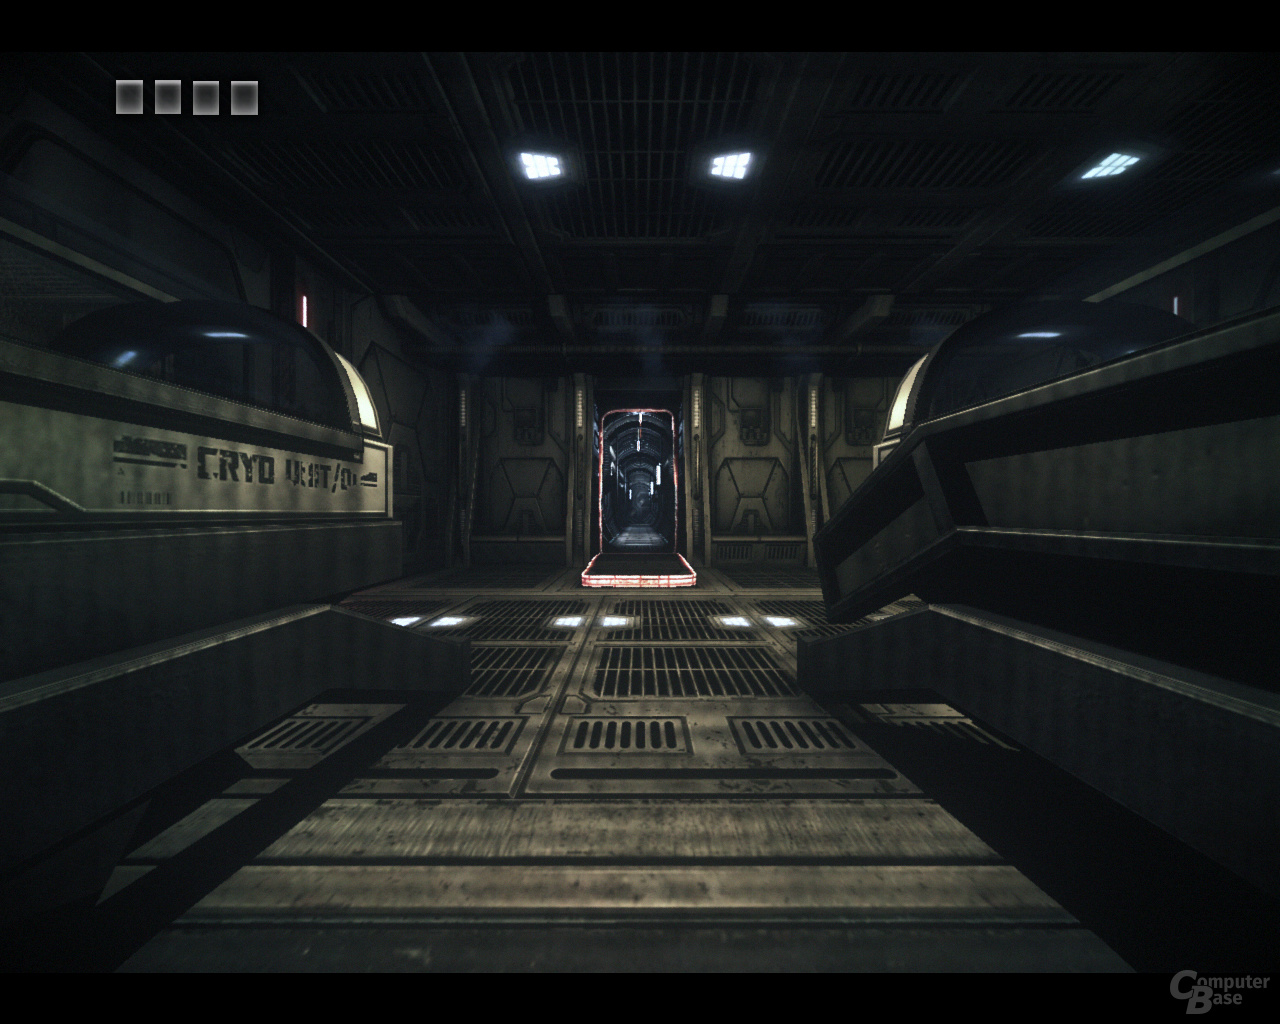 Riddick AODA - RV790